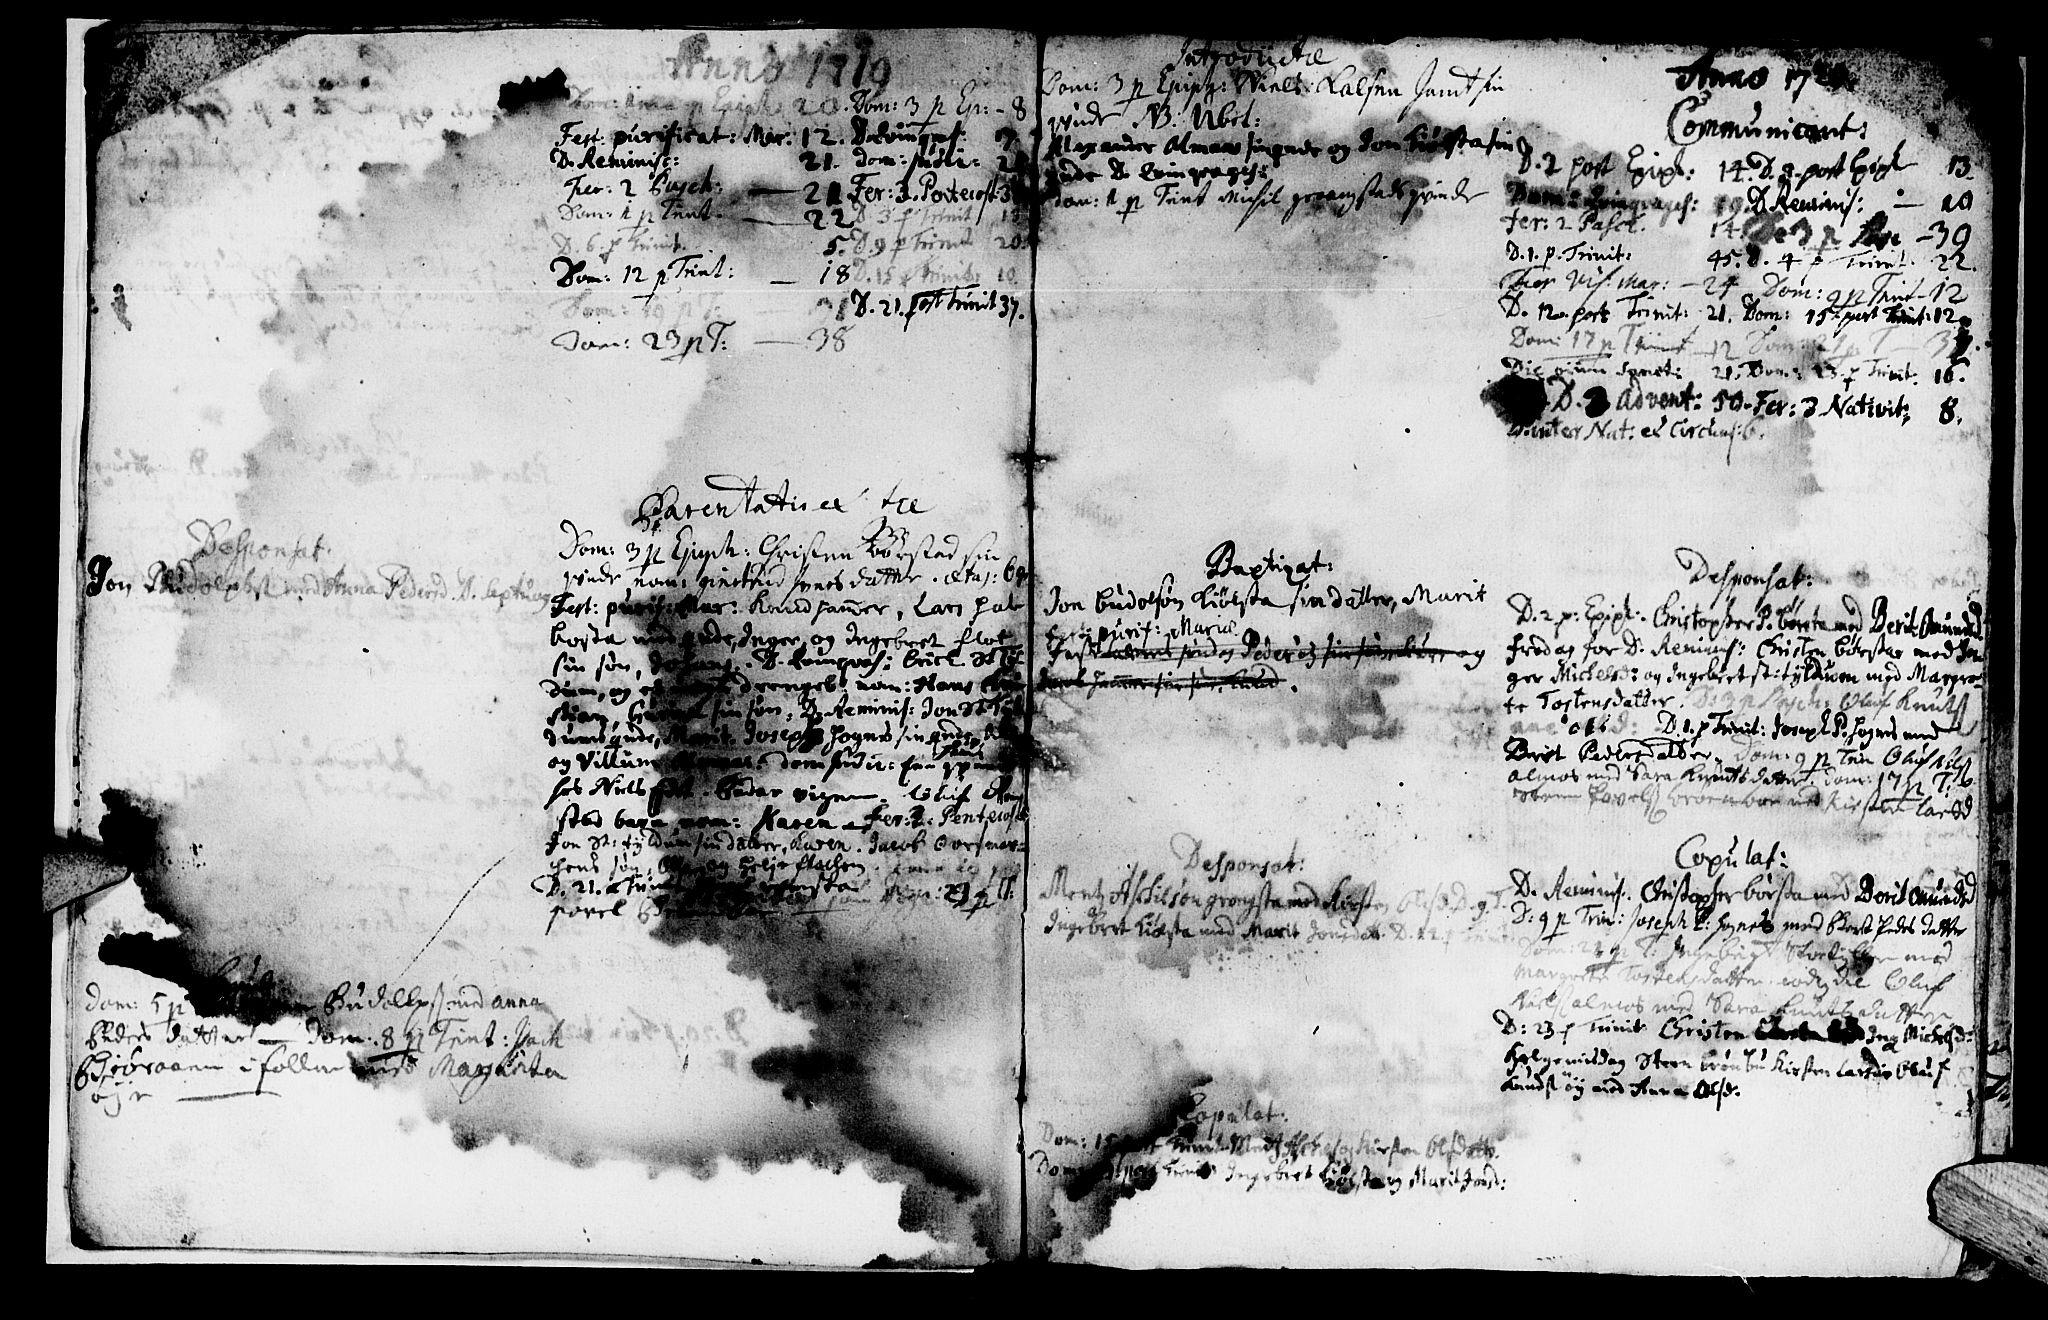 SAT, Ministerialprotokoller, klokkerbøker og fødselsregistre - Nord-Trøndelag, 765/L0560: Ministerialbok nr. 765A01, 1706-1748, s. 5